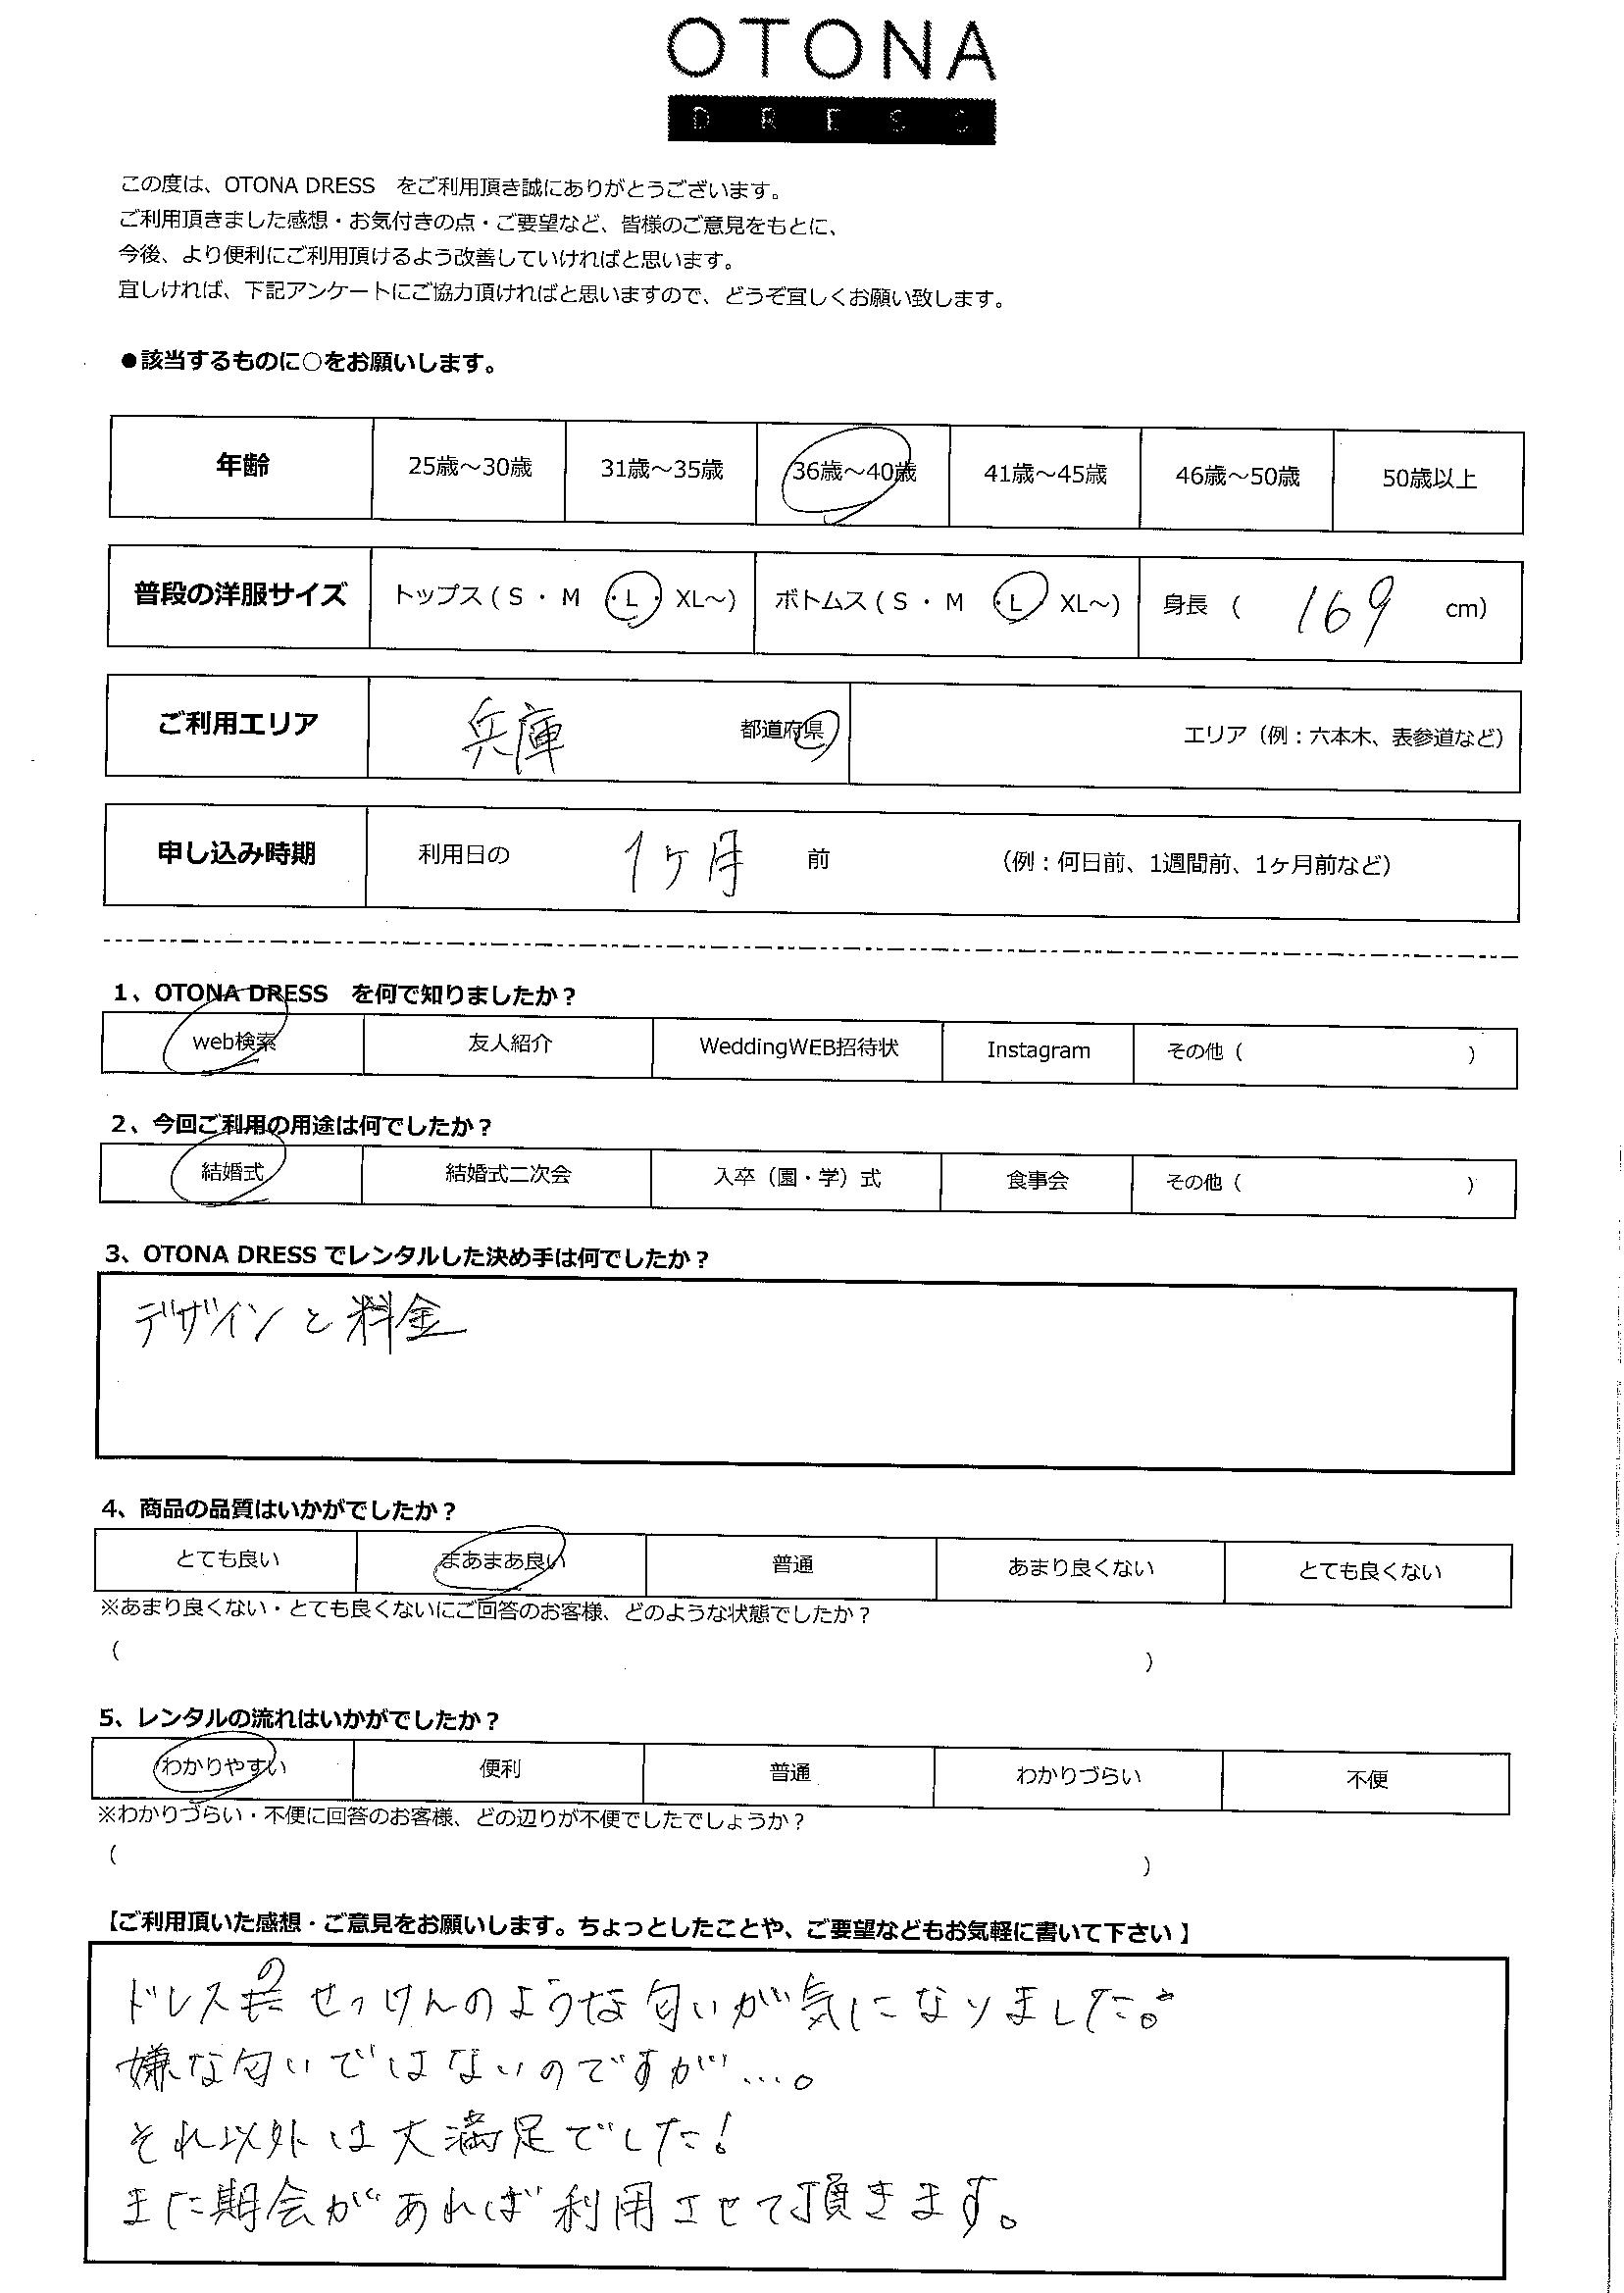 6/12結婚式ご利用 兵庫エリア